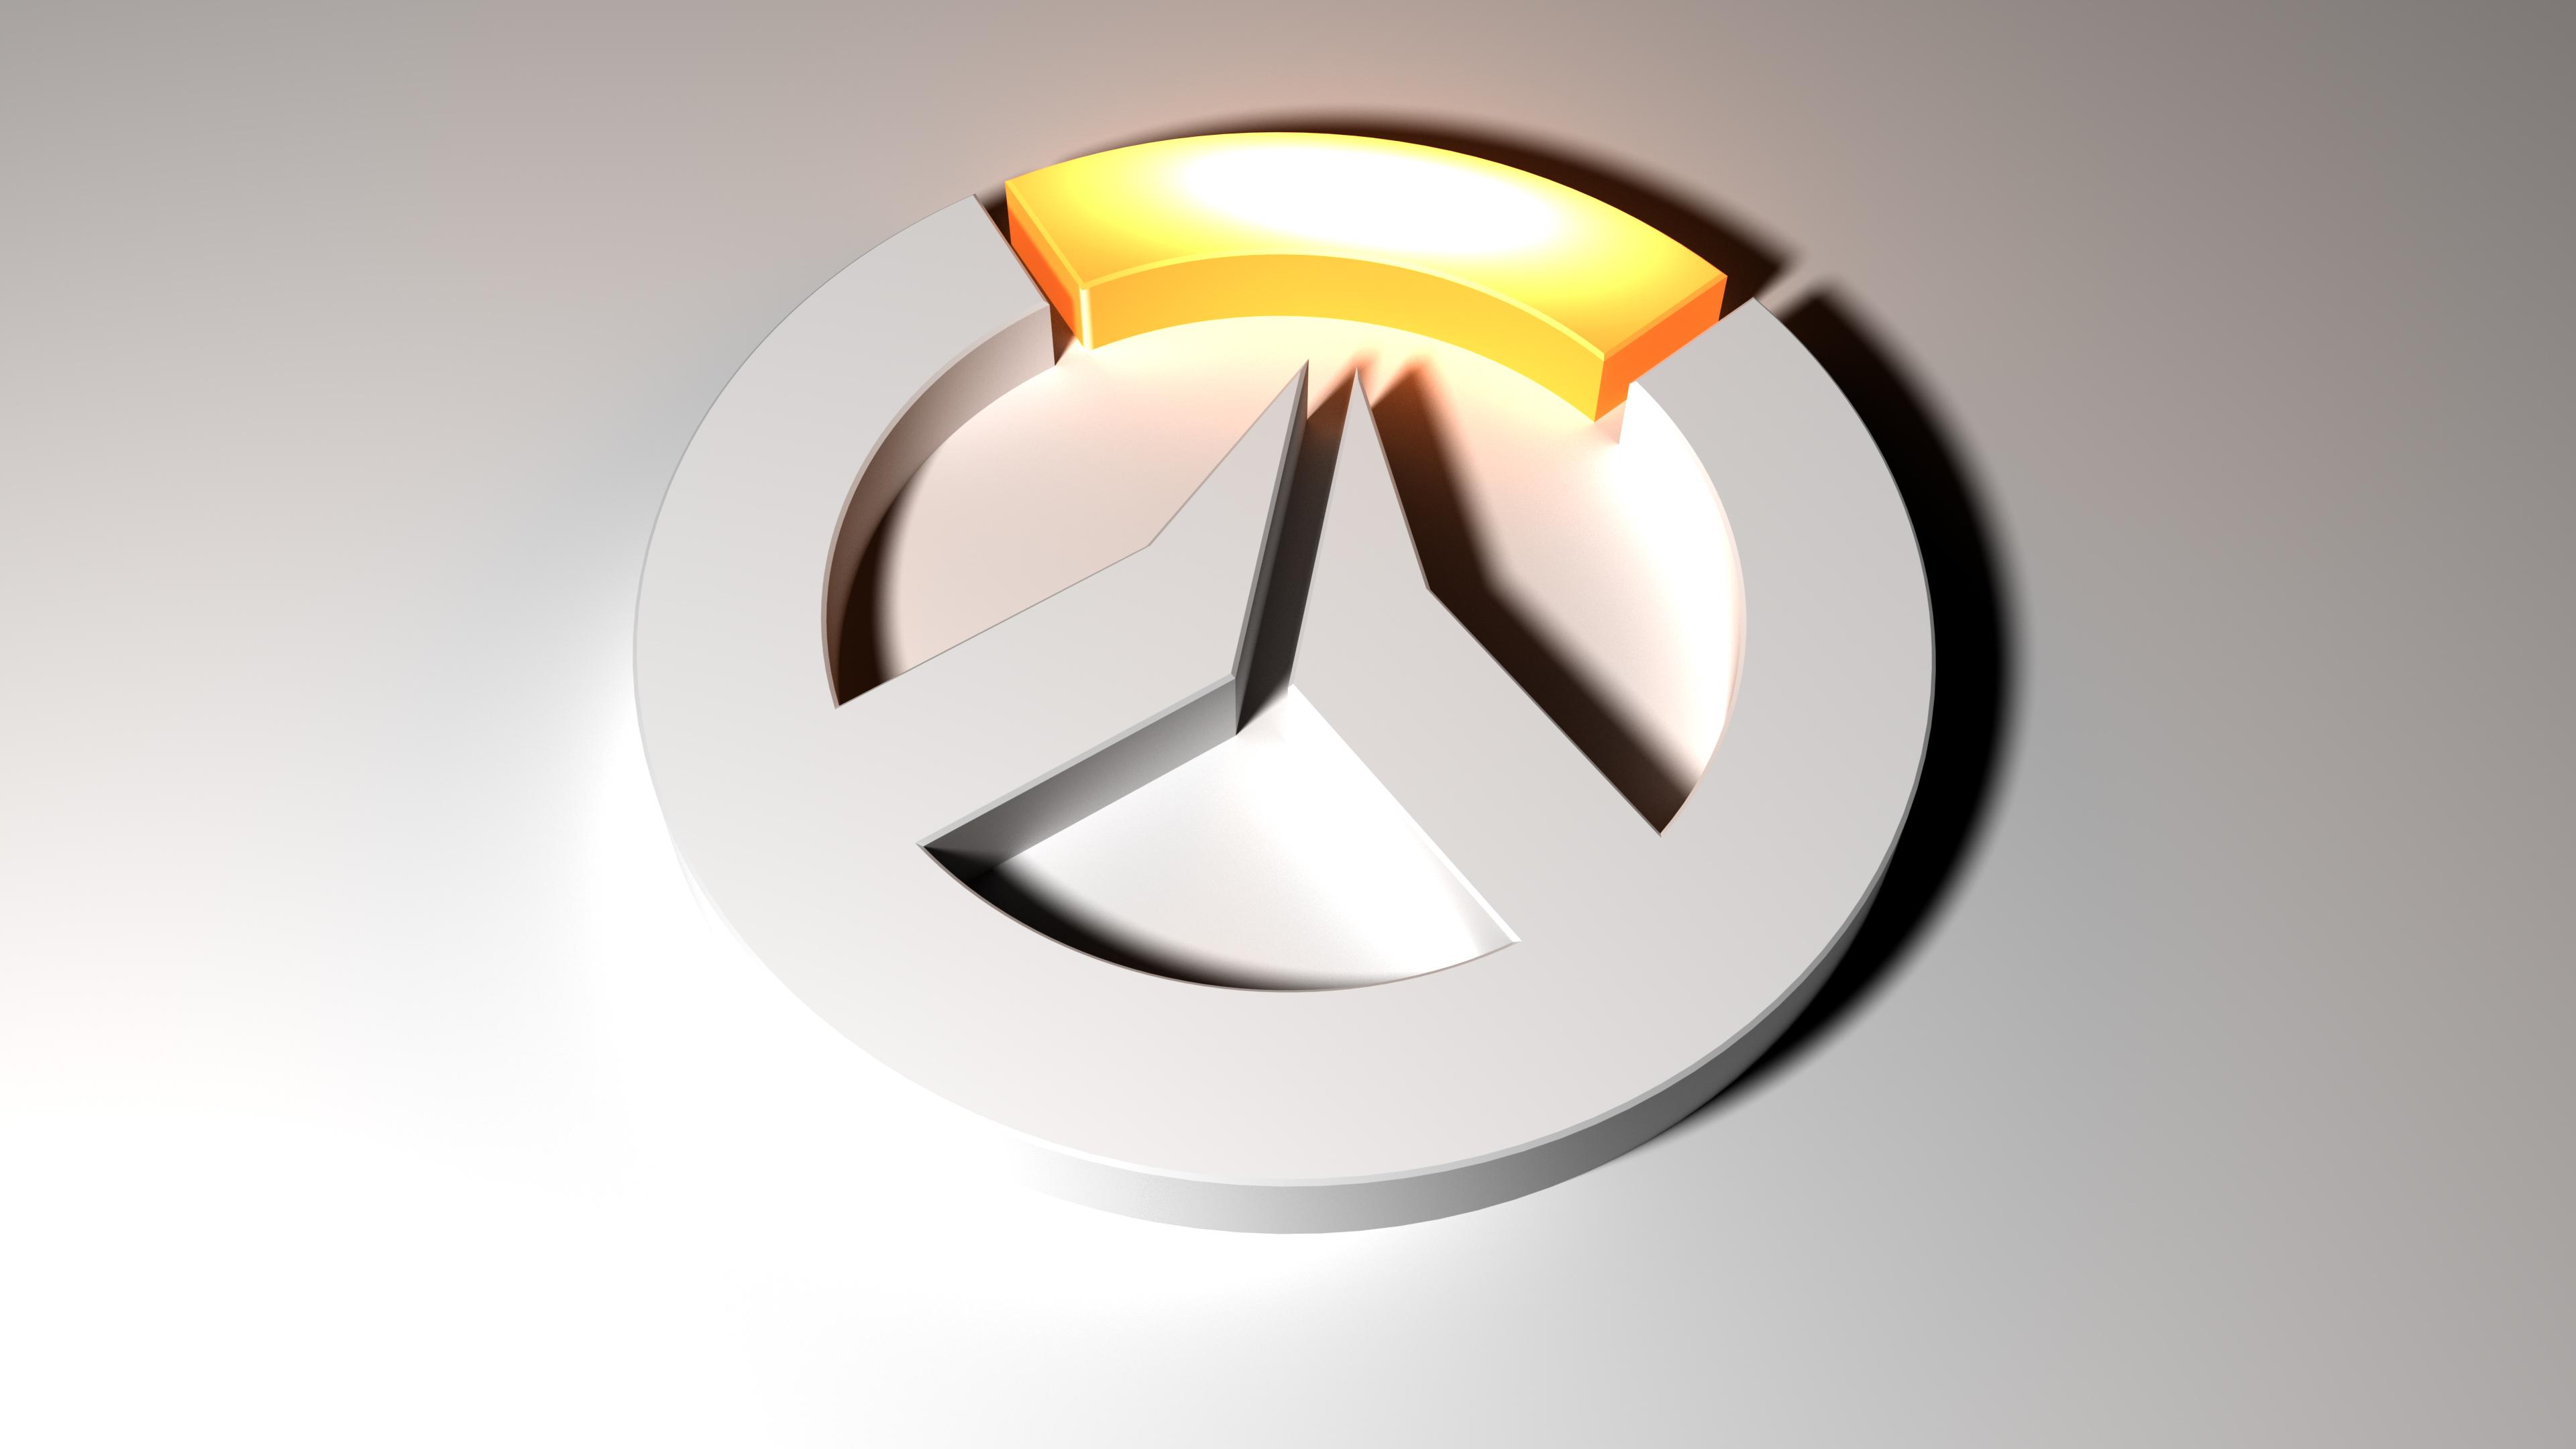 Overwatch Emblem Wallpaper